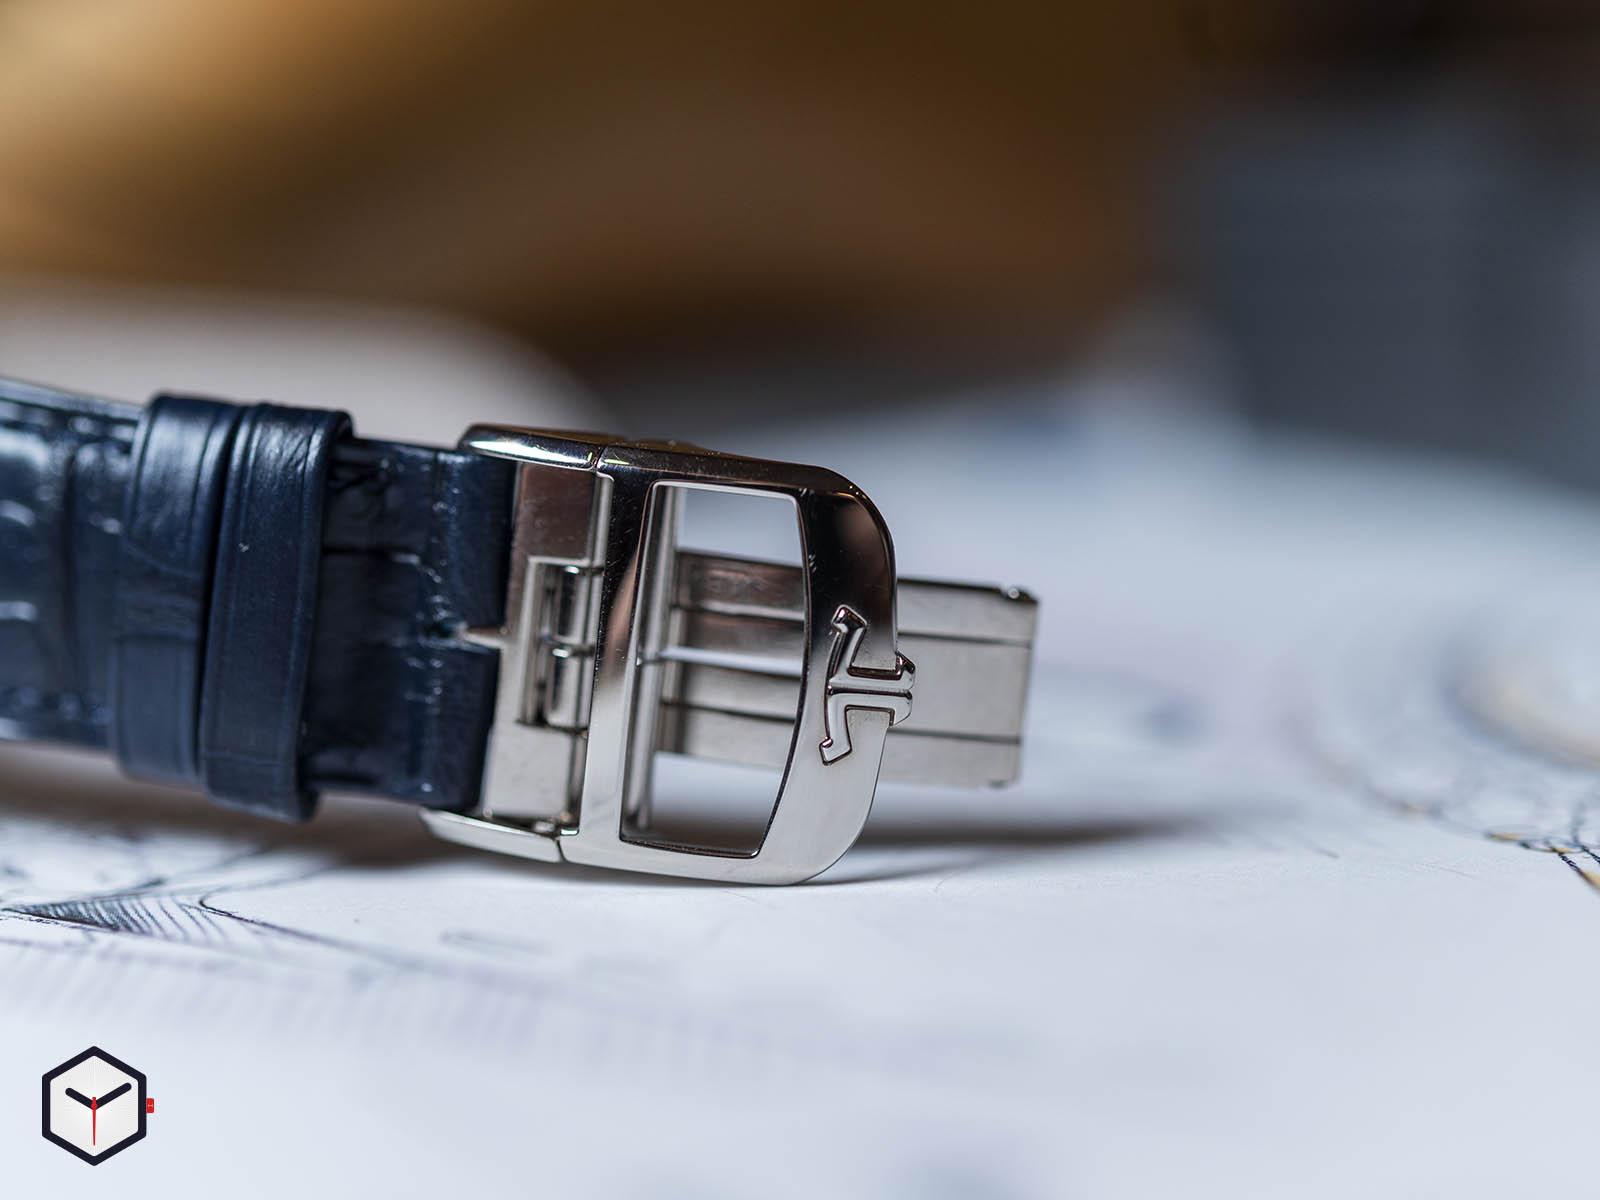 jaeger-lecoultre-master-ultra-thin-tourbillon-enamel-6.jpg